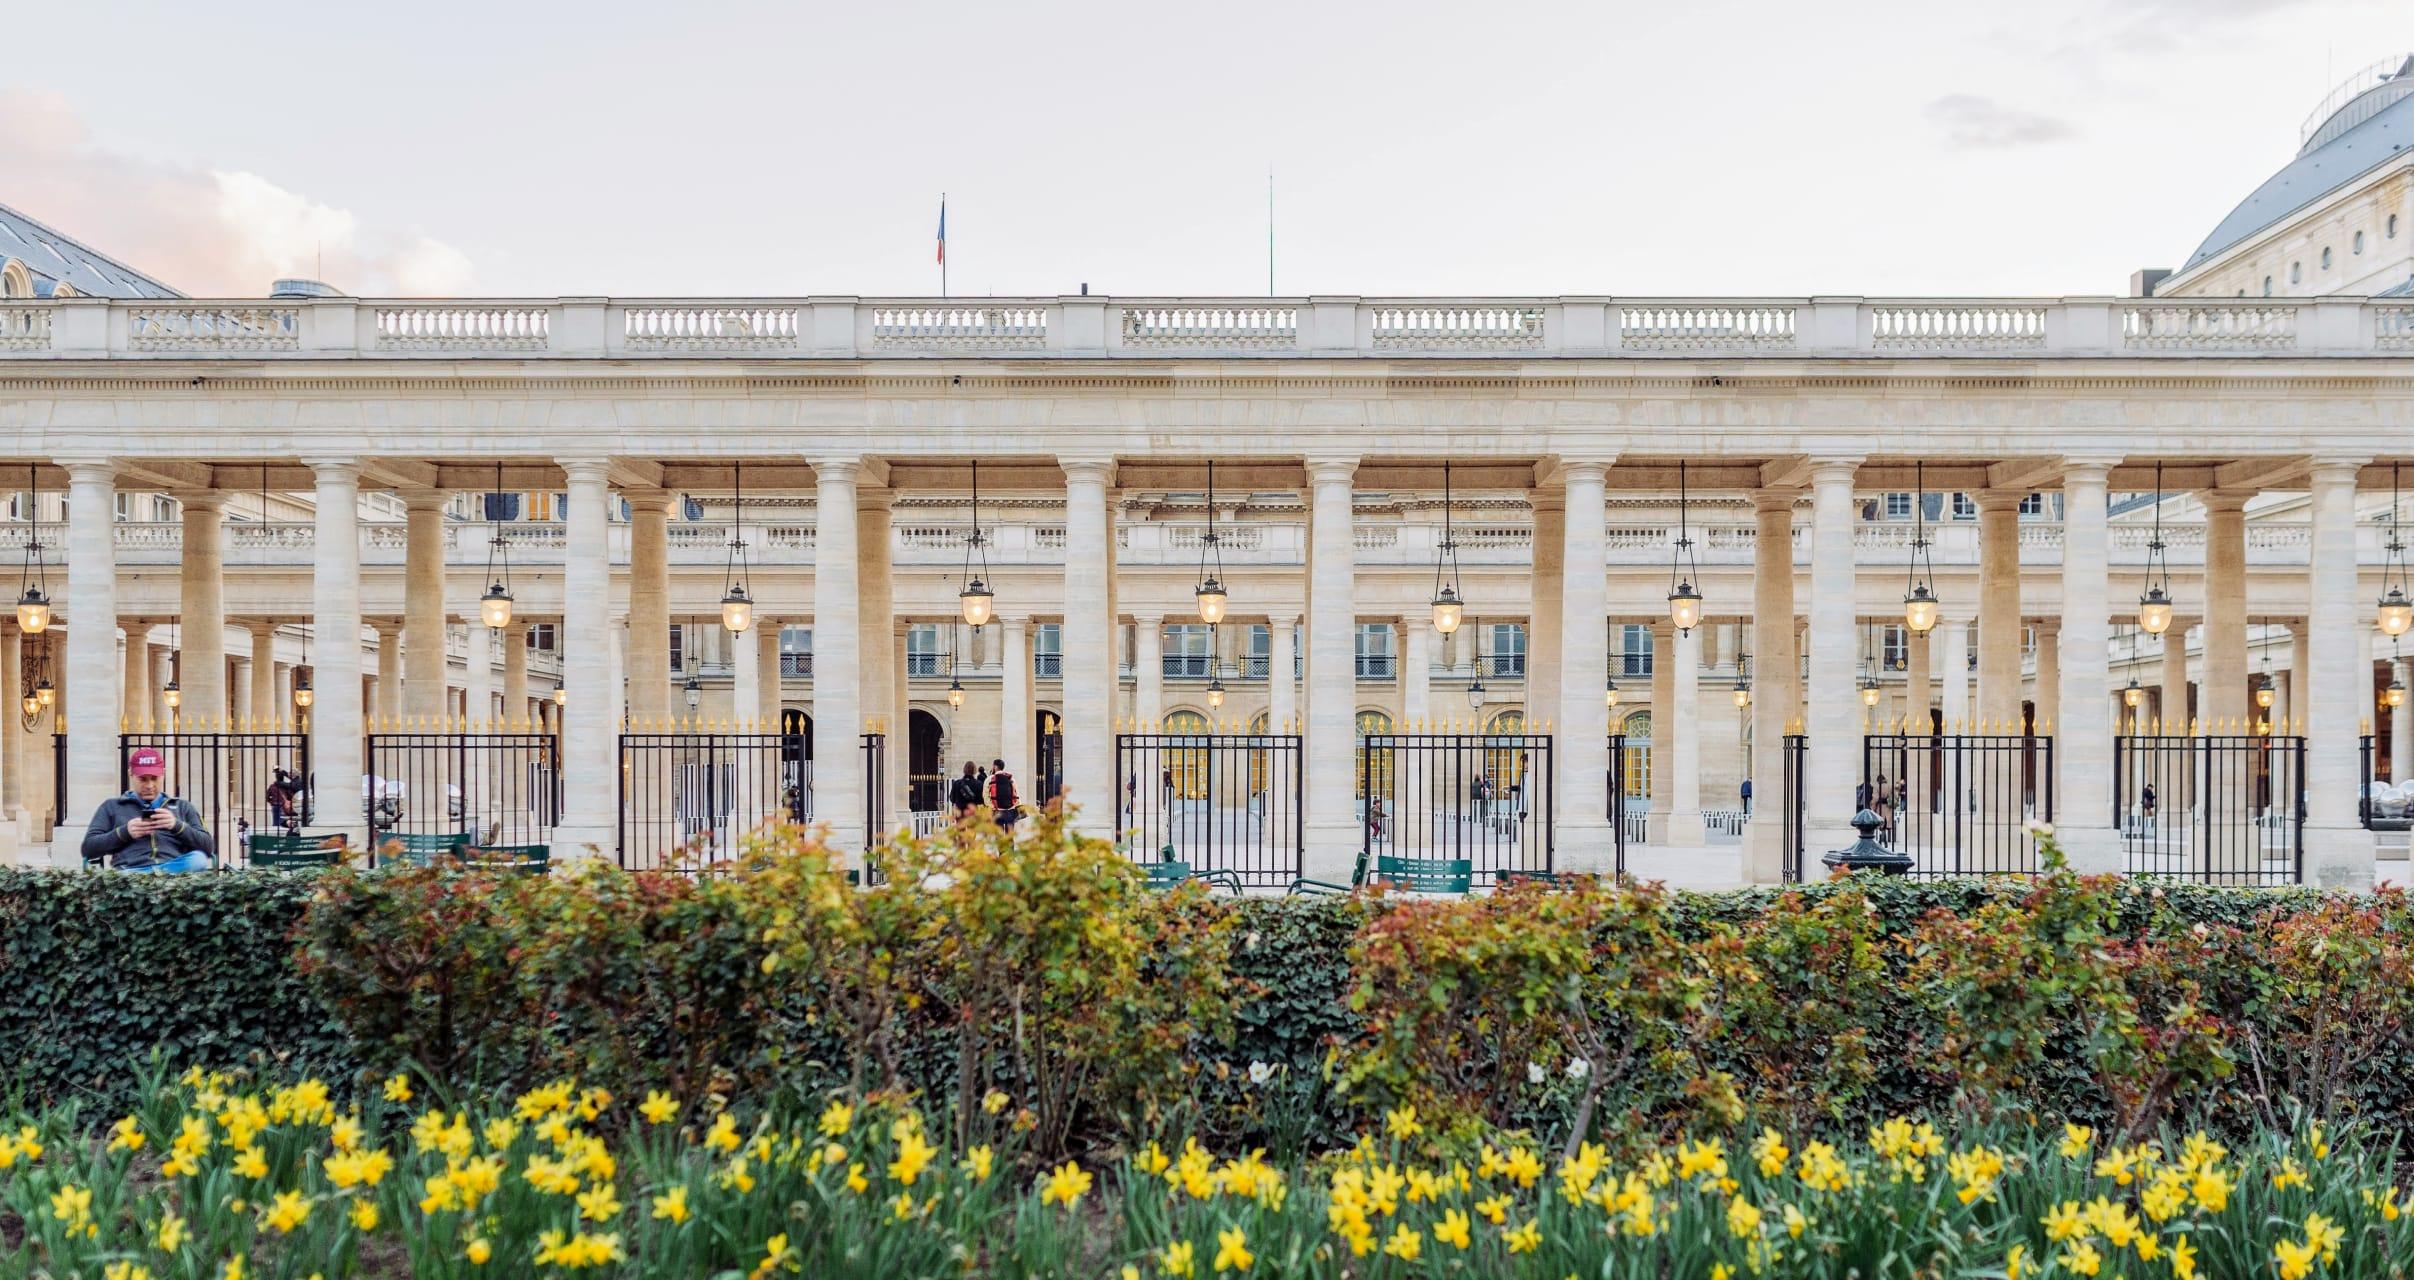 Paris - Paris' Elegant Royal Palace, Gardens and Galerie Vivienne